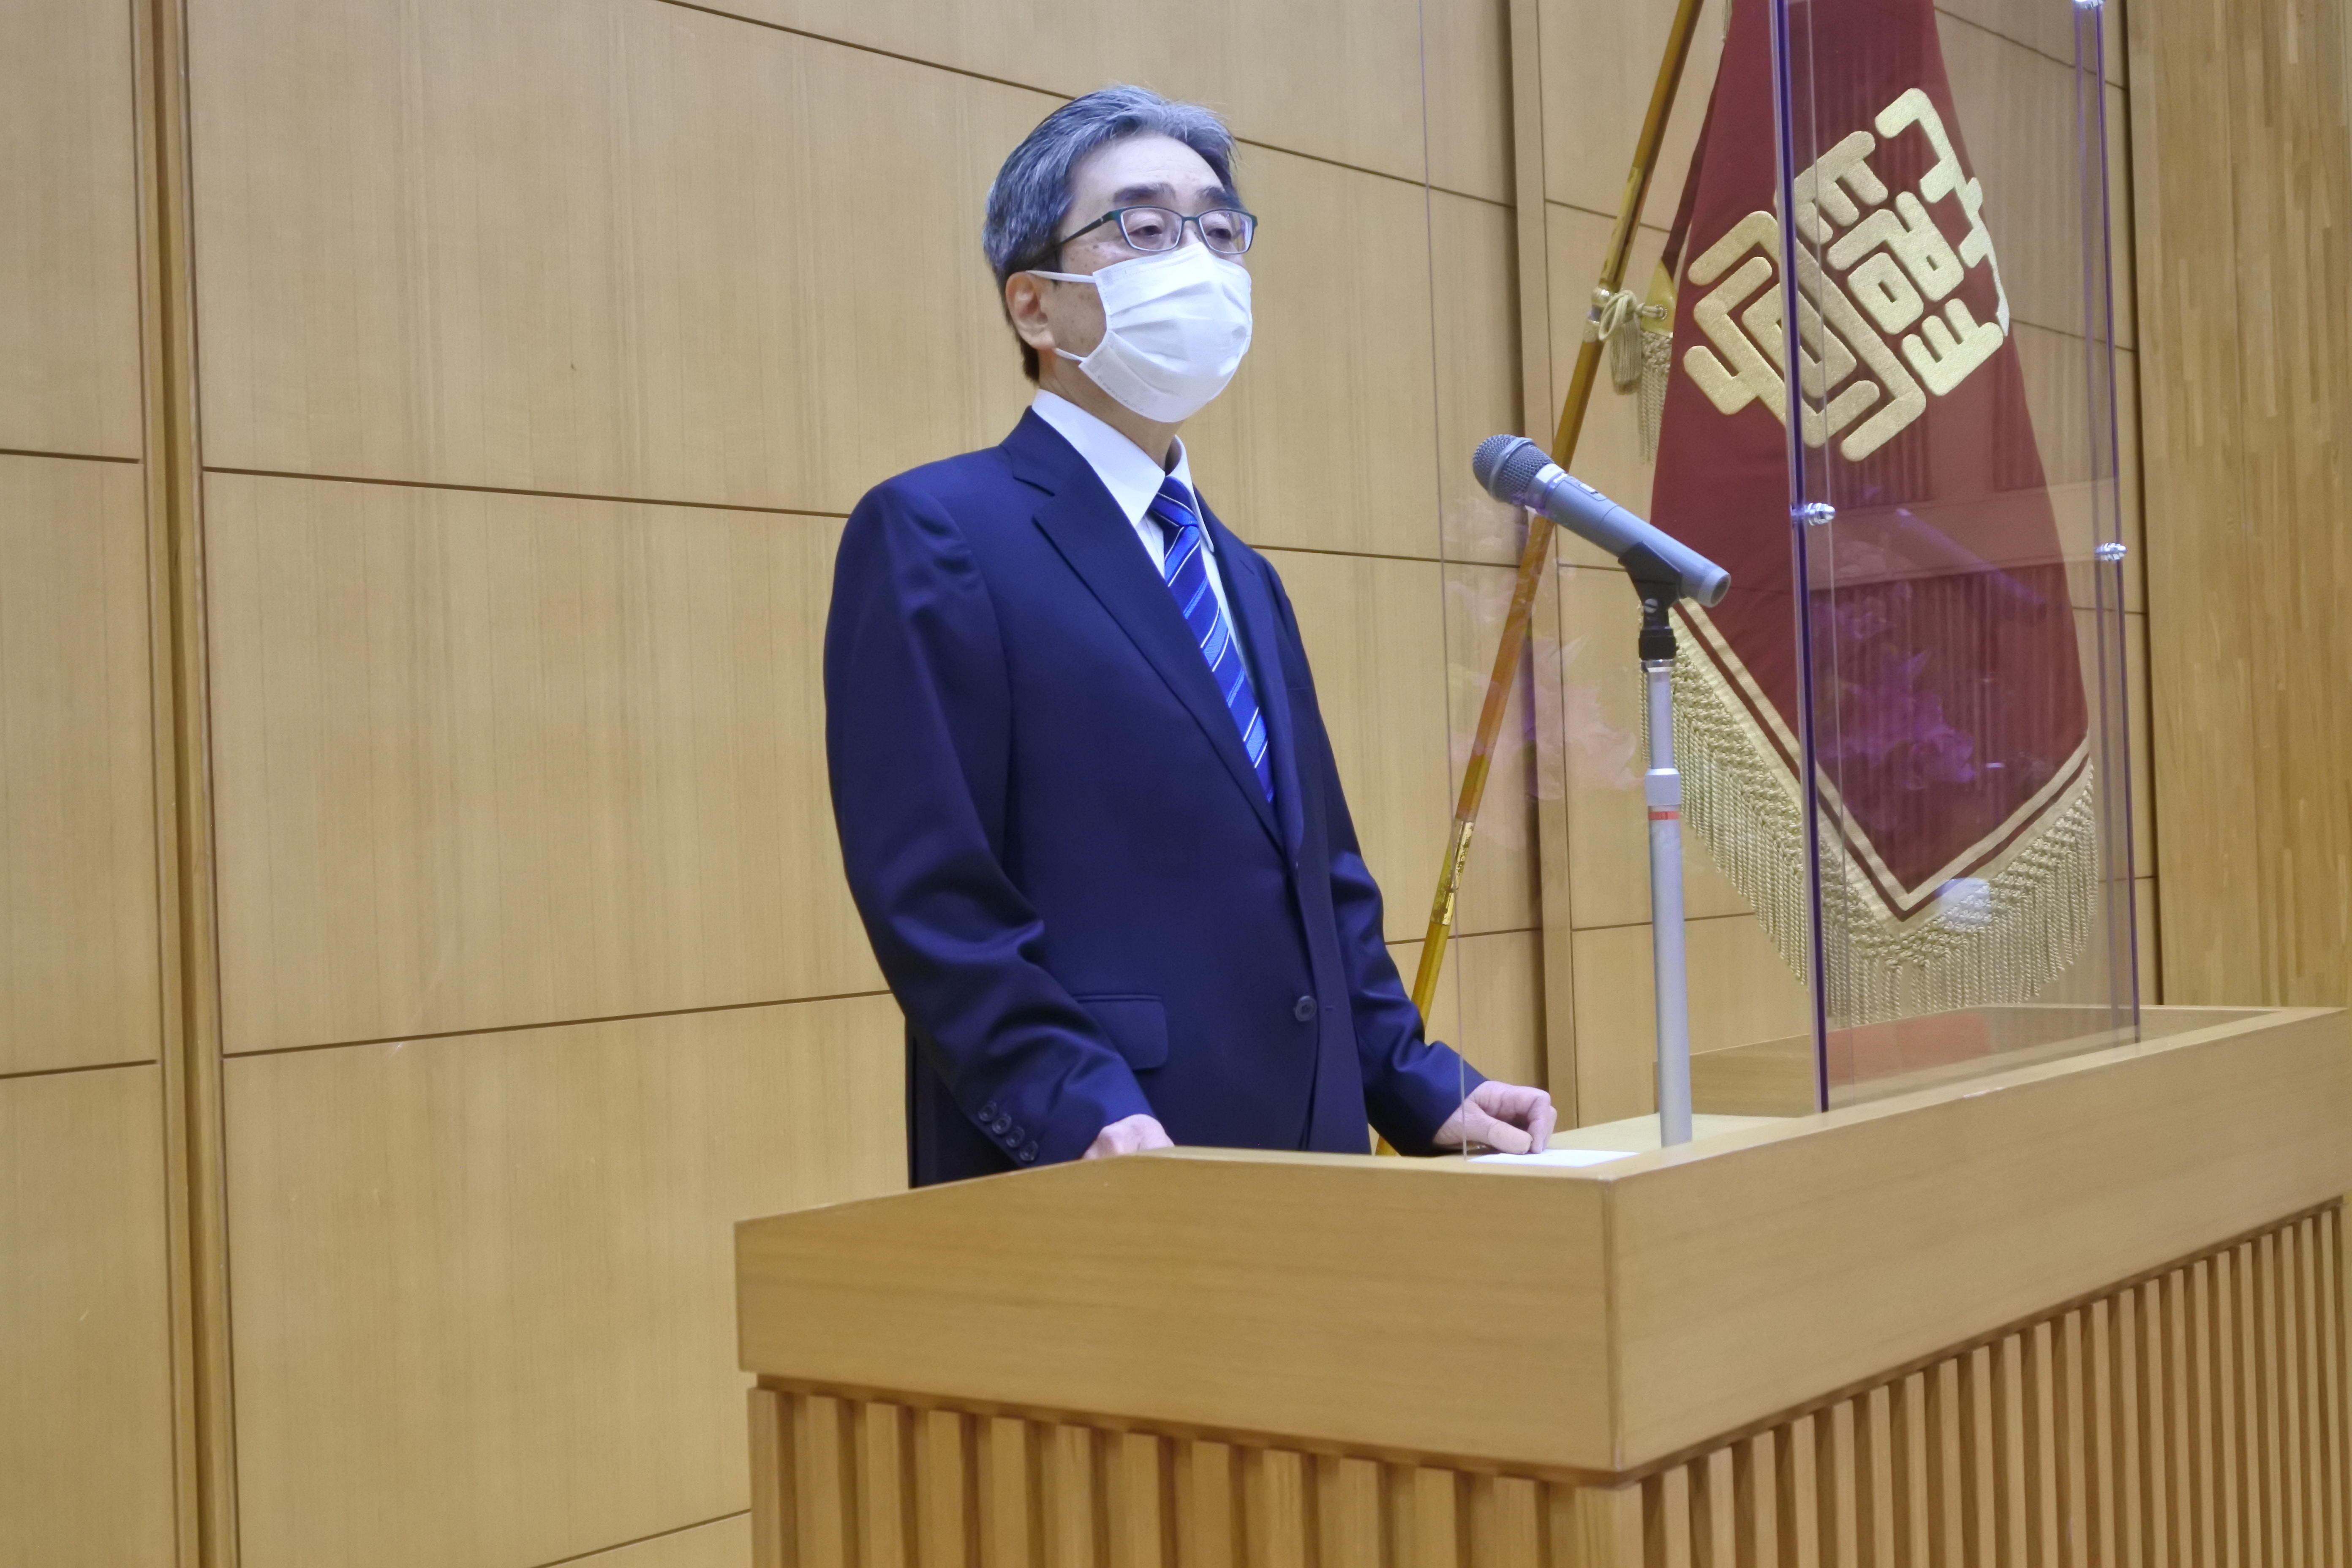 退職者を代表してあいさつする磯前秀二教授